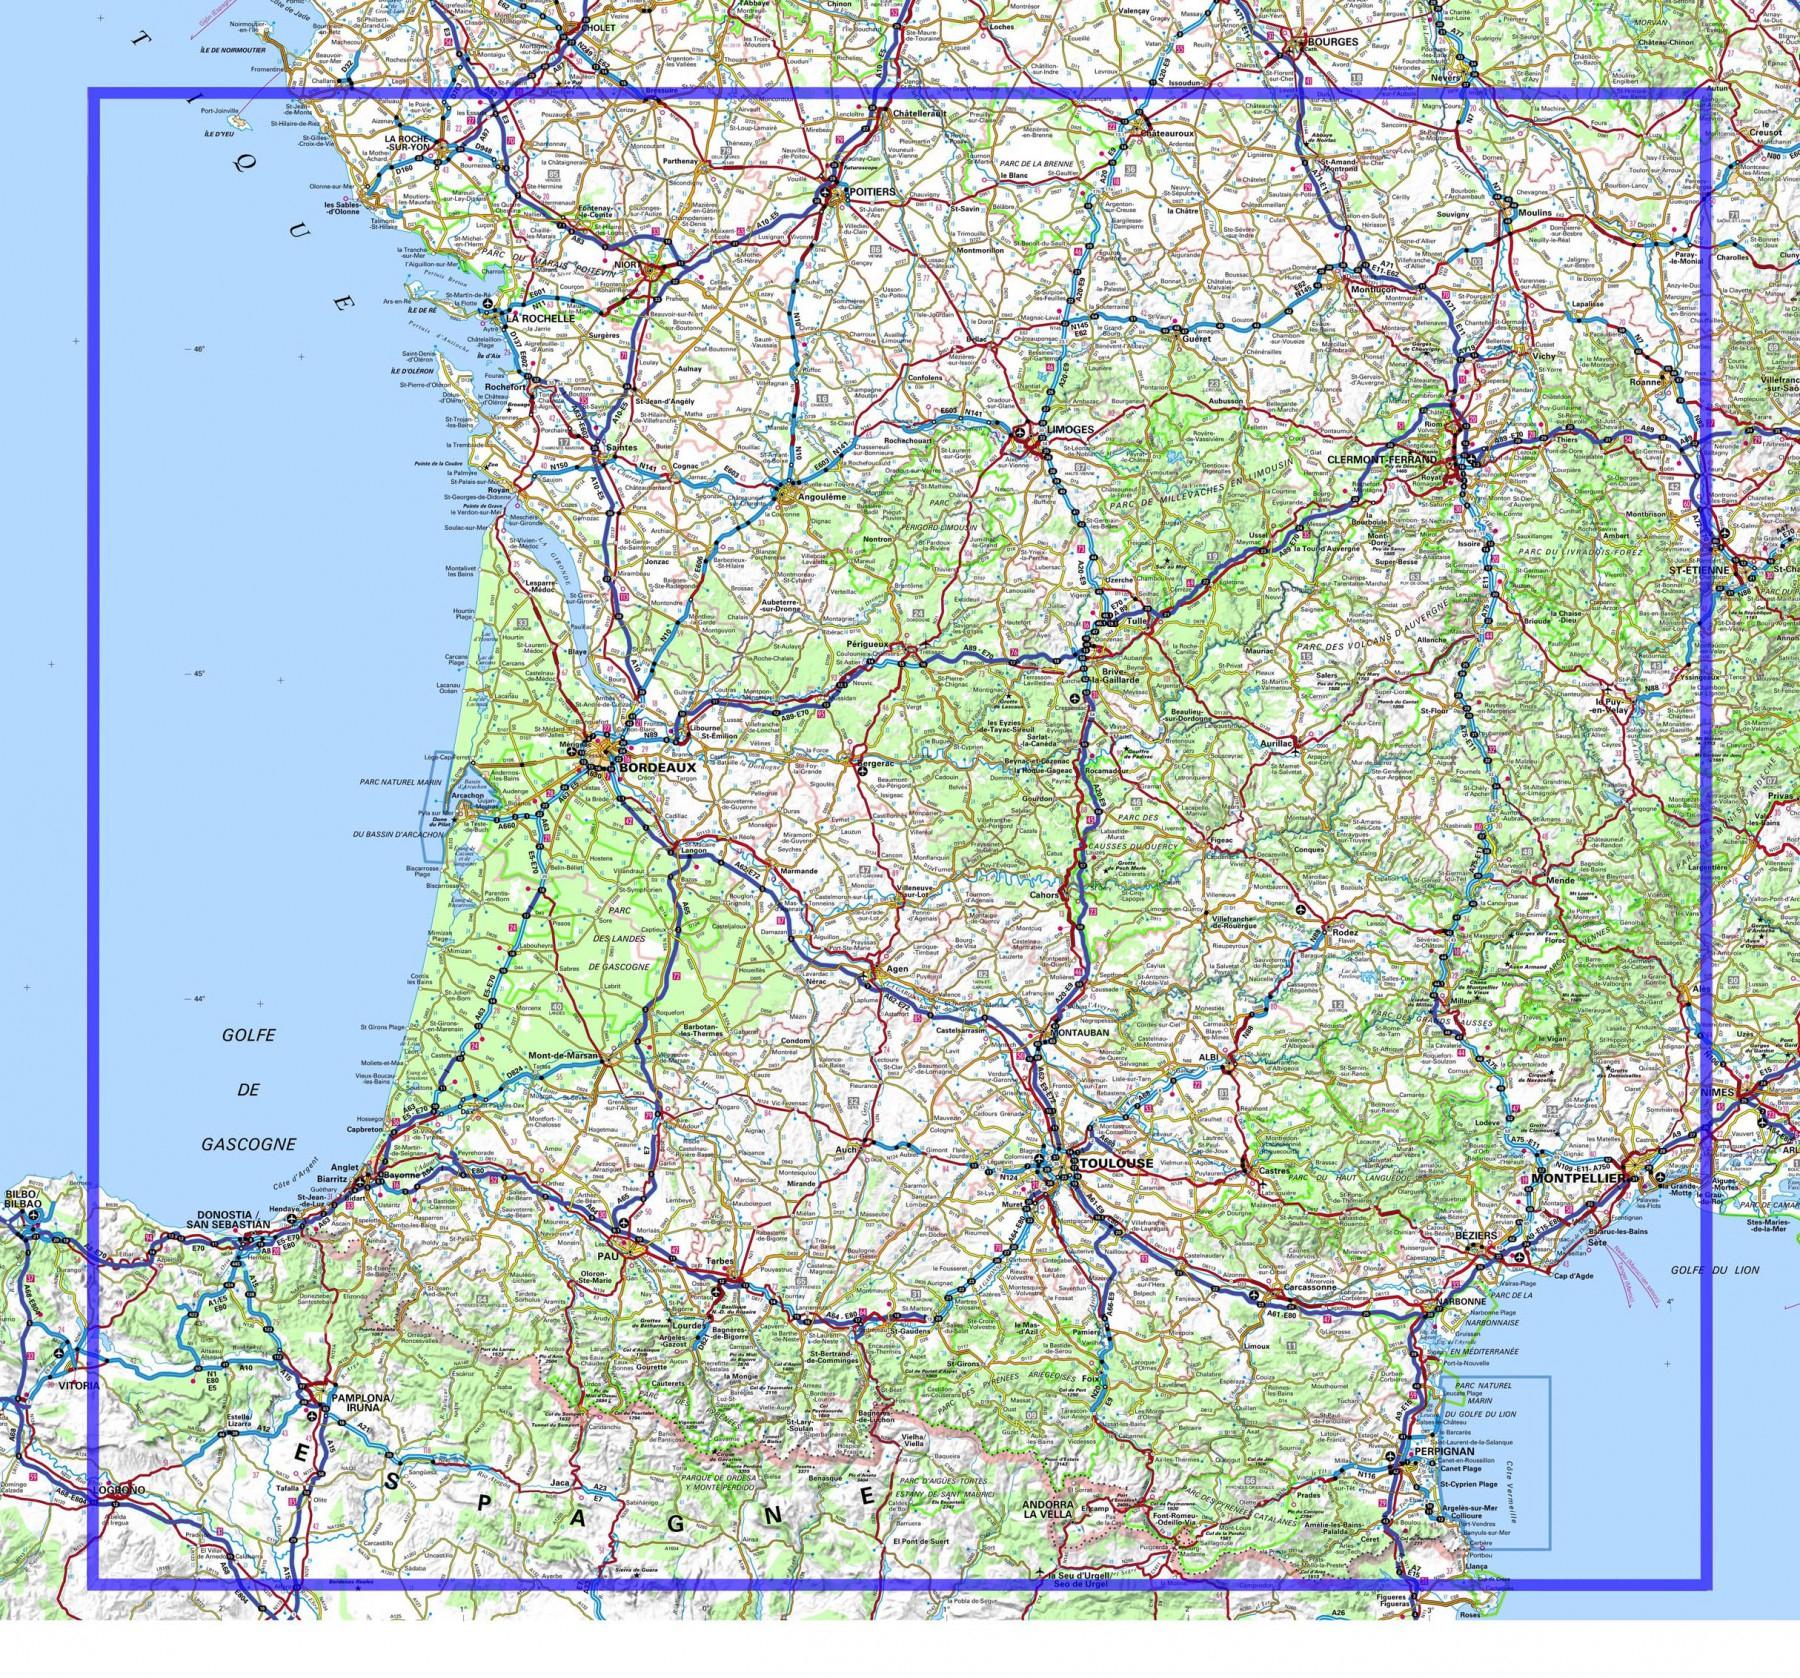 Carte Ign Sud Ouest | My Blog avec Carte Du Sud De La France Détaillée